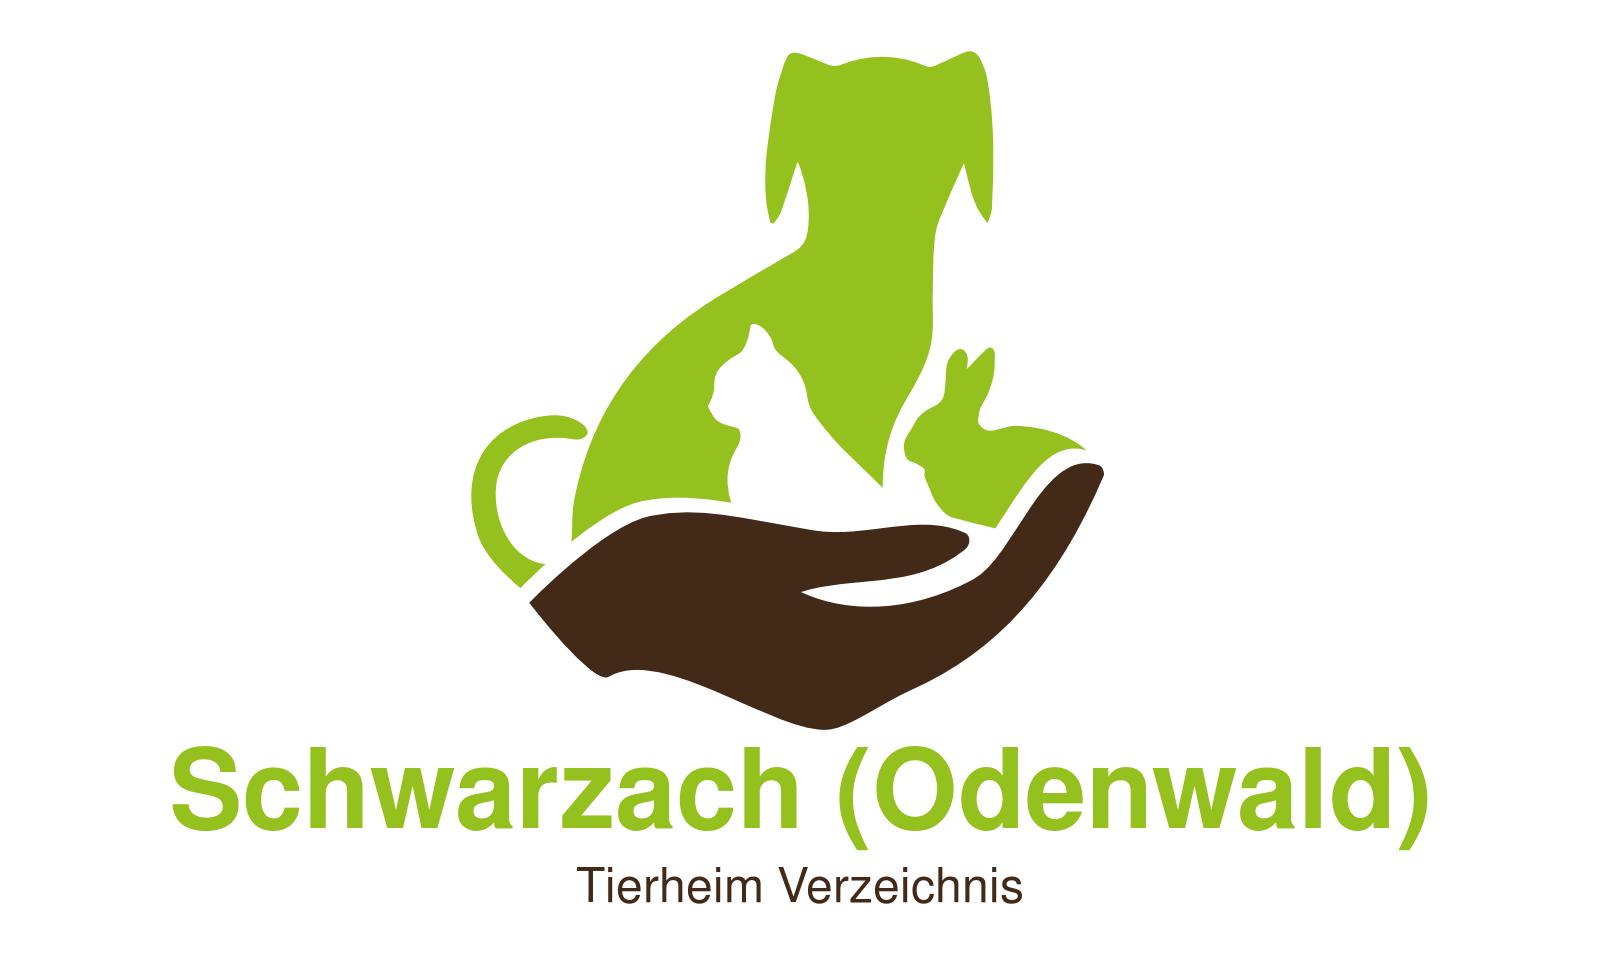 Tierheim Schwarzach (Odenwald)